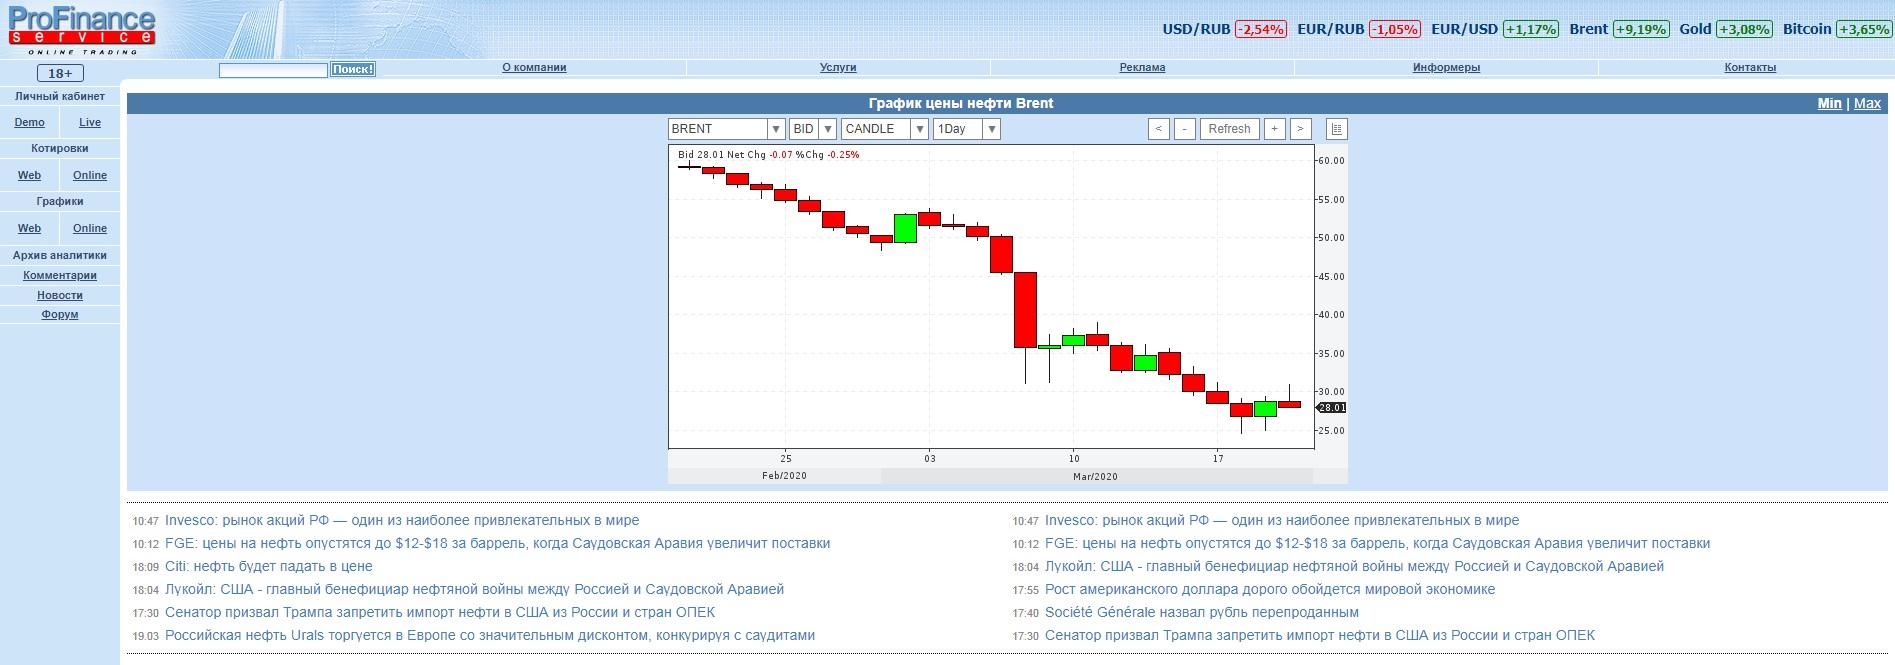 Коронавирус. Что будет дальше? Доллар и падение цены на нефть 9 - lenium.ru